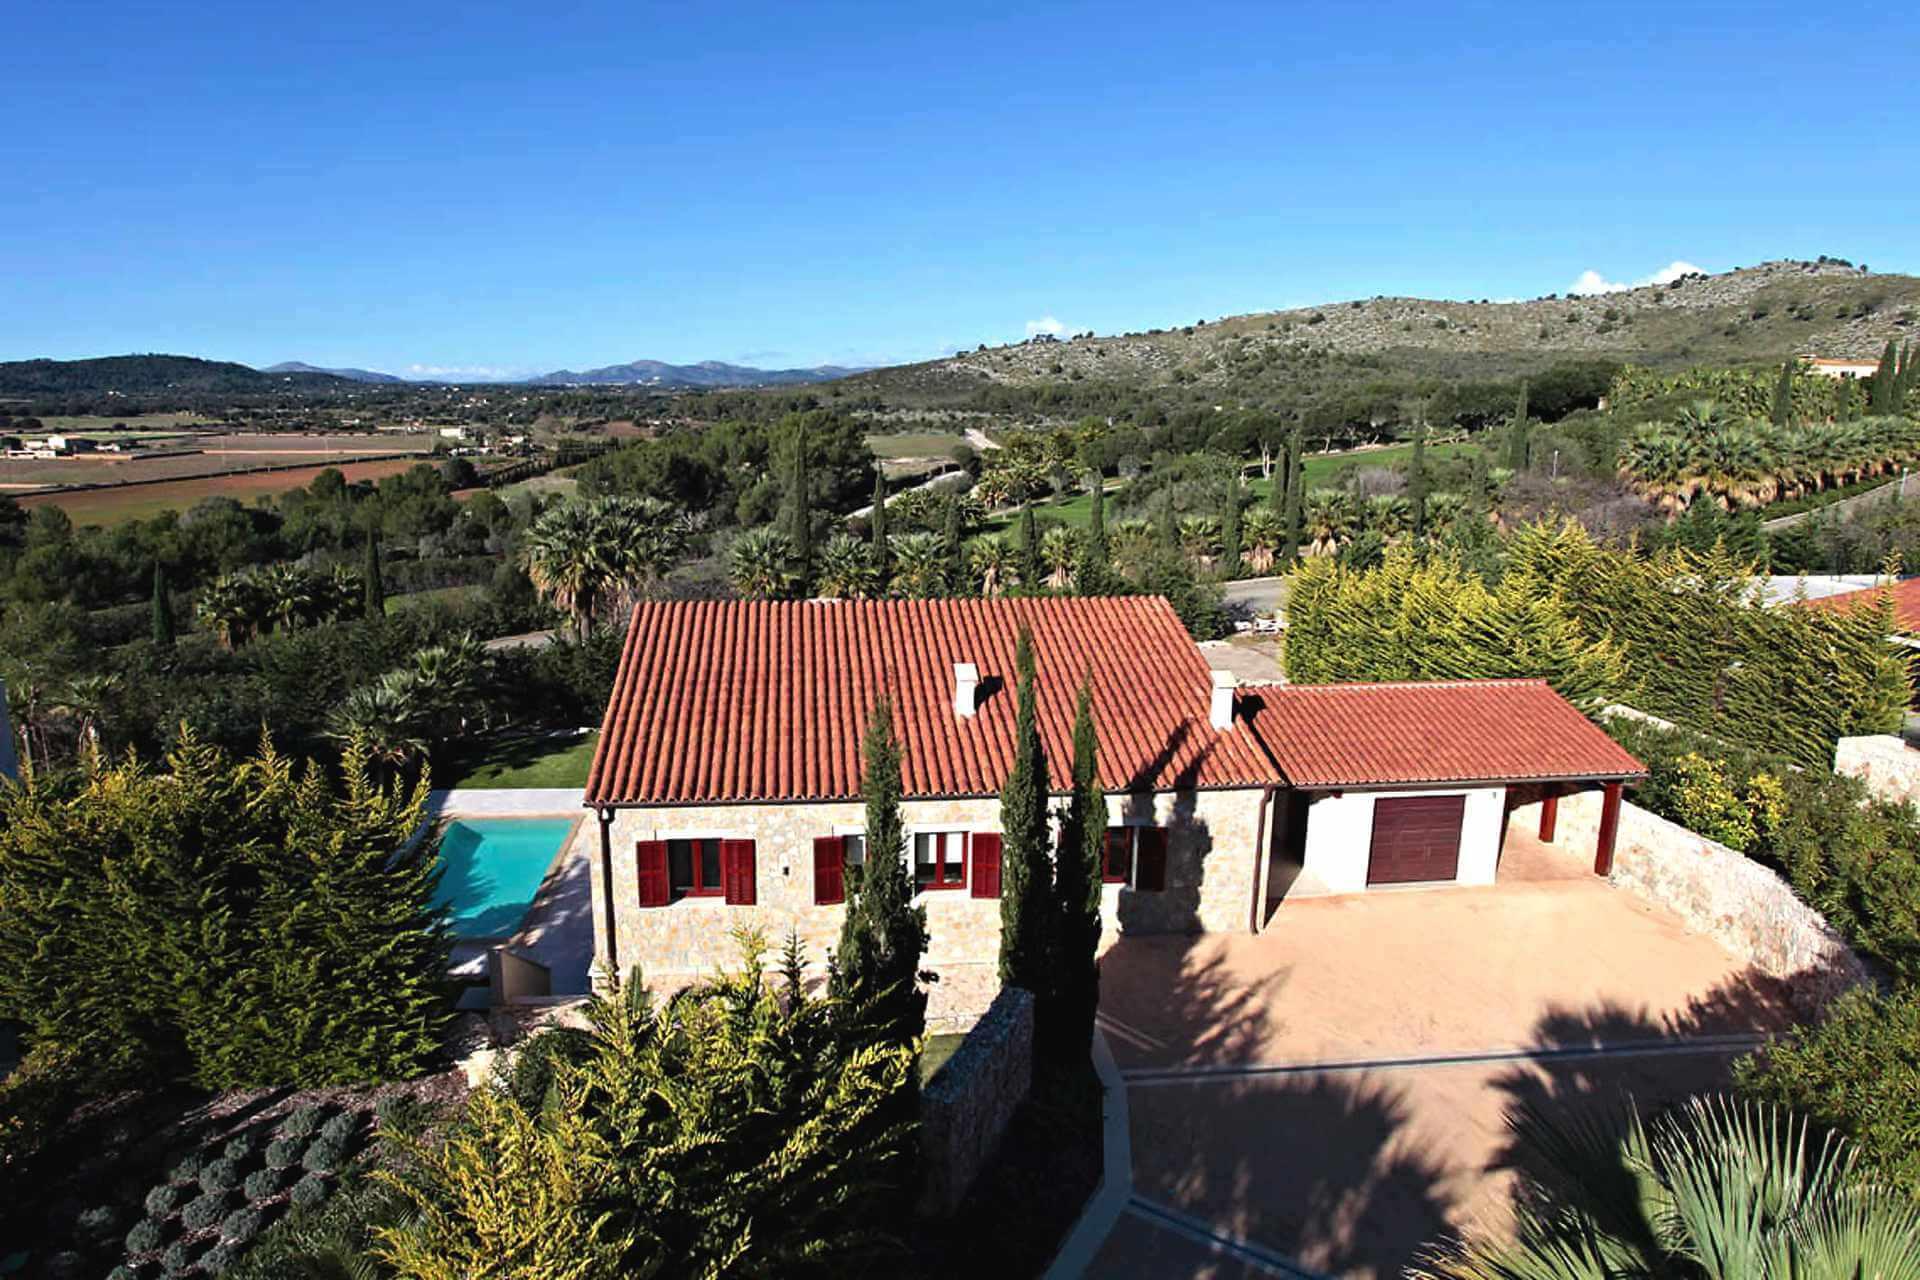 01-326 Design Villa Golf Course Northeast Mallorca Bild 1